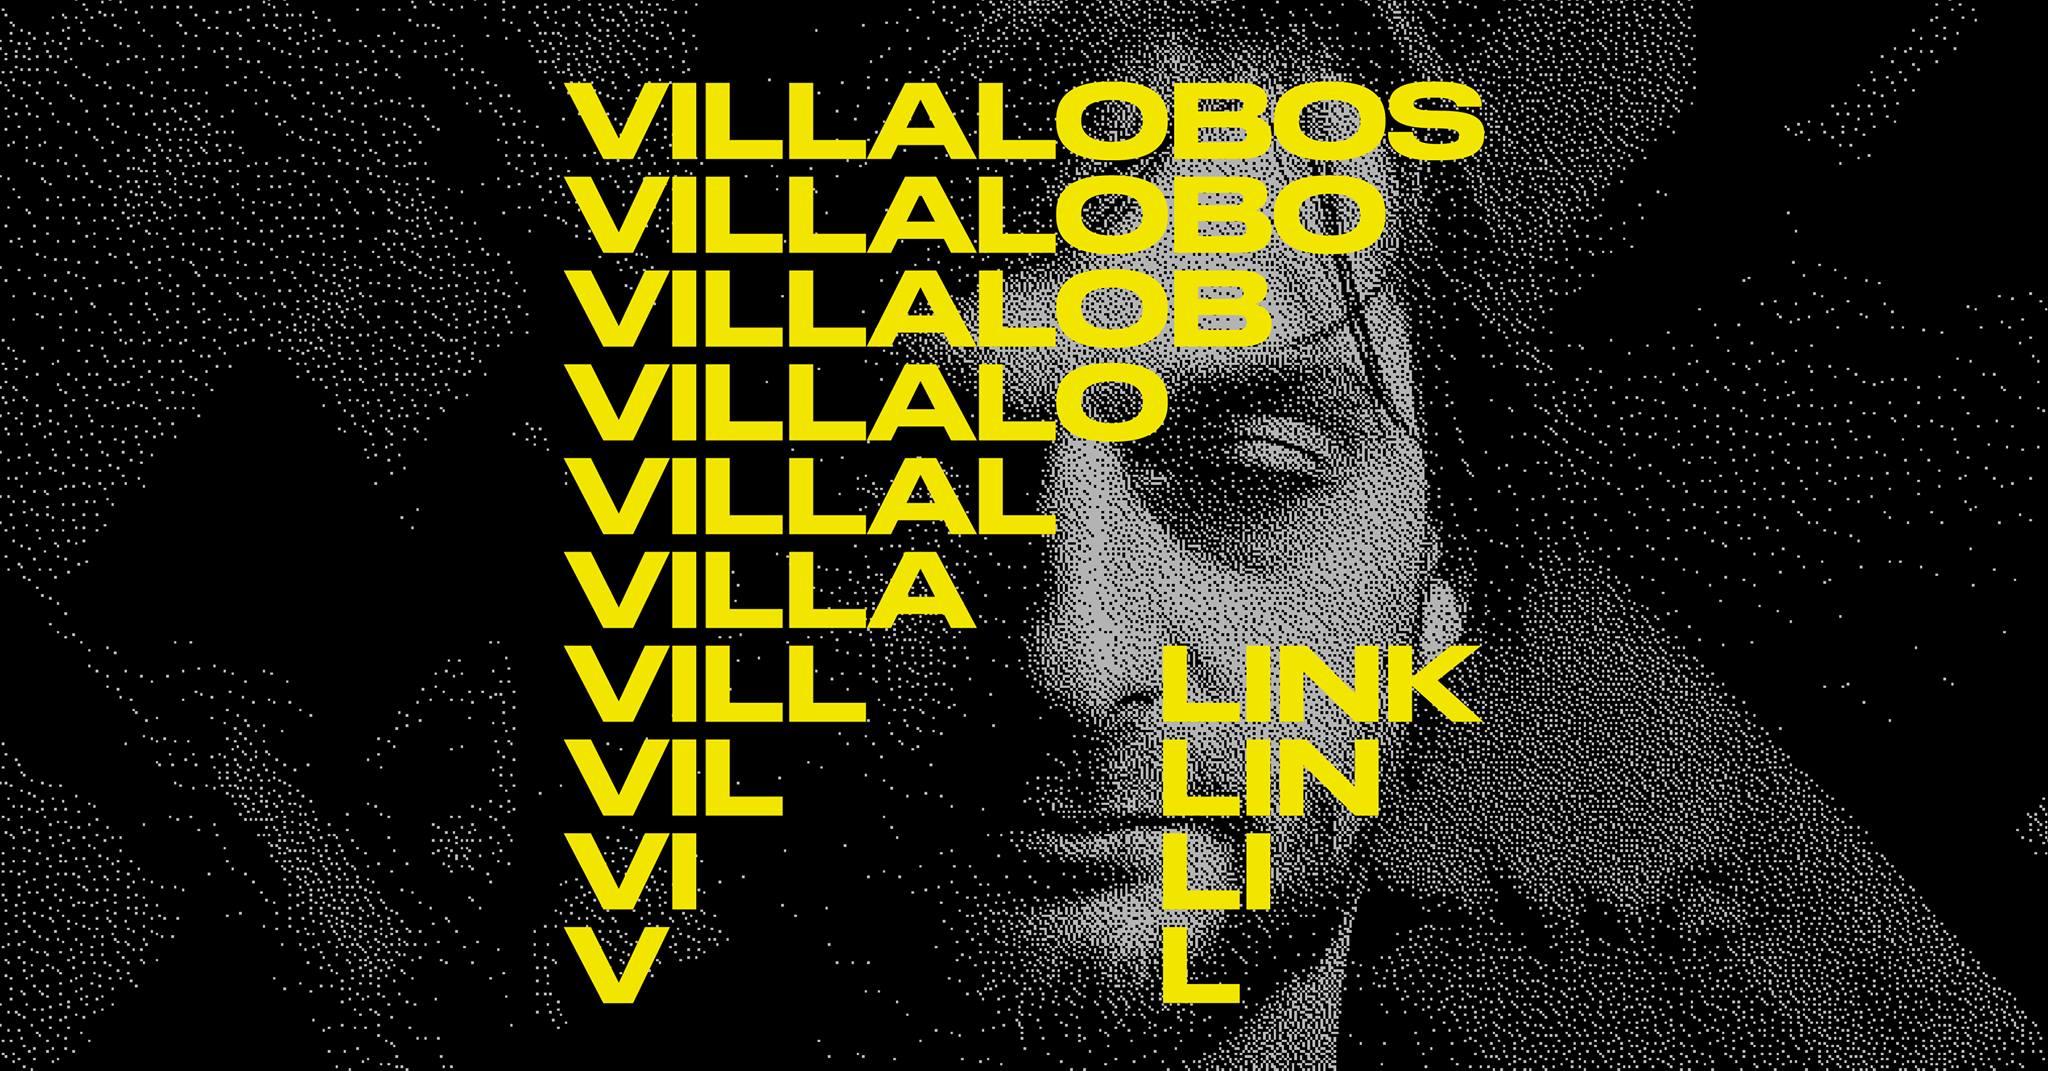 Ricardo Villalobos Link Bologna 10 Maggio 2019